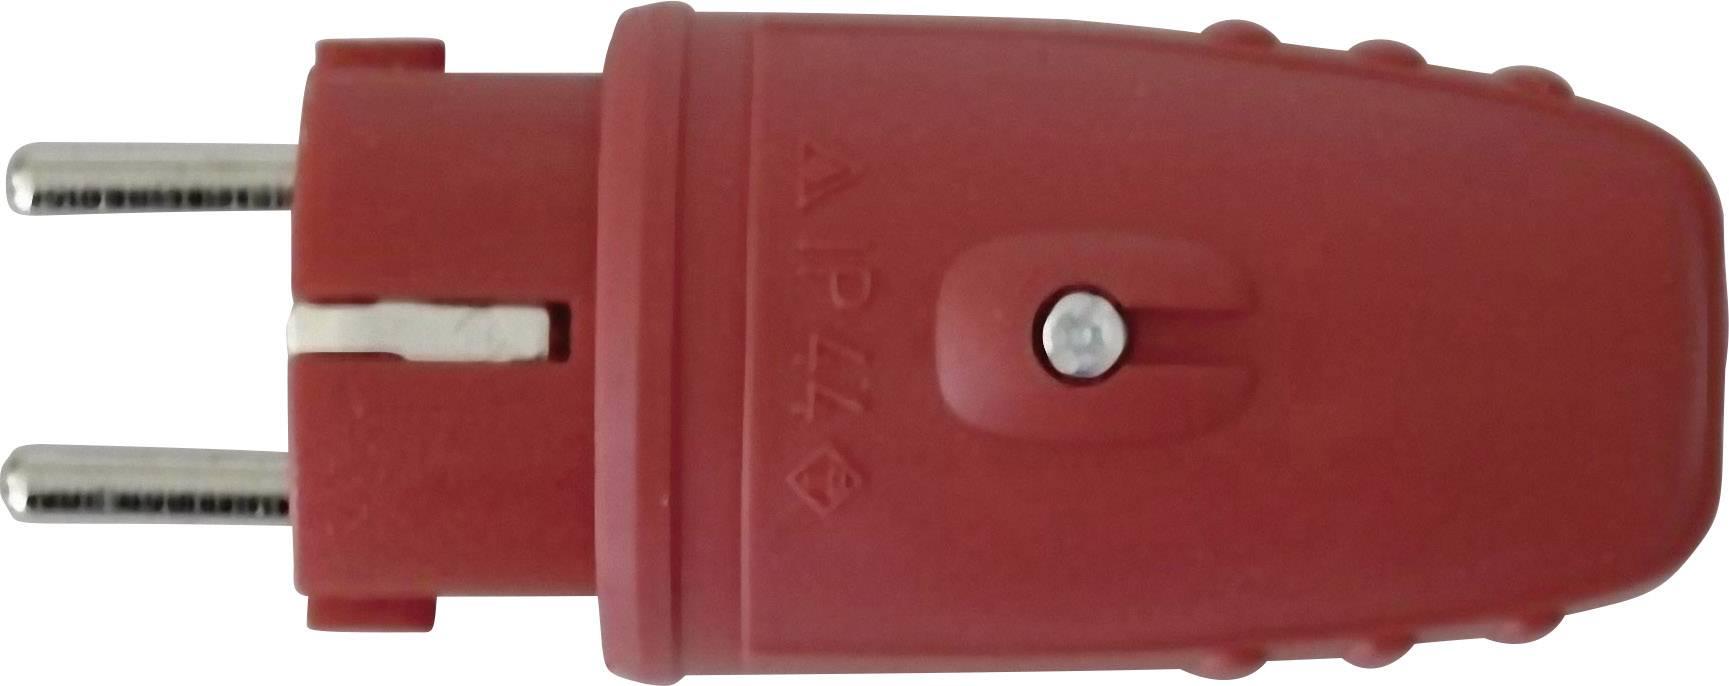 Zástrčka SchuKo GAO 627712, guma, IP20, 230 V, červená